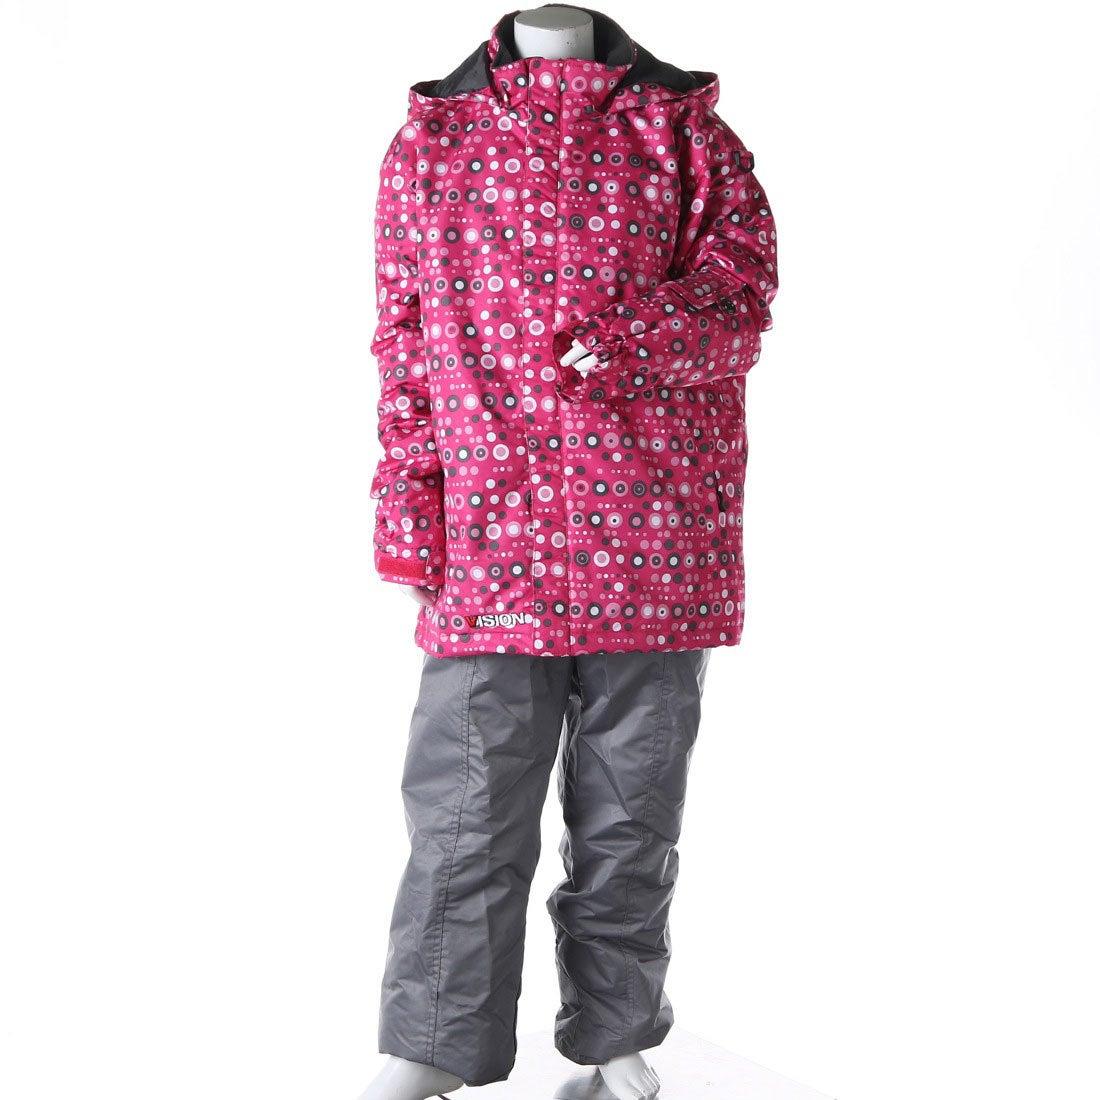 ロコンド 靴とファッションの通販サイトビジョンVISIONジュニアスキーウェア上下セットガールズスキーウェアVSG-4221